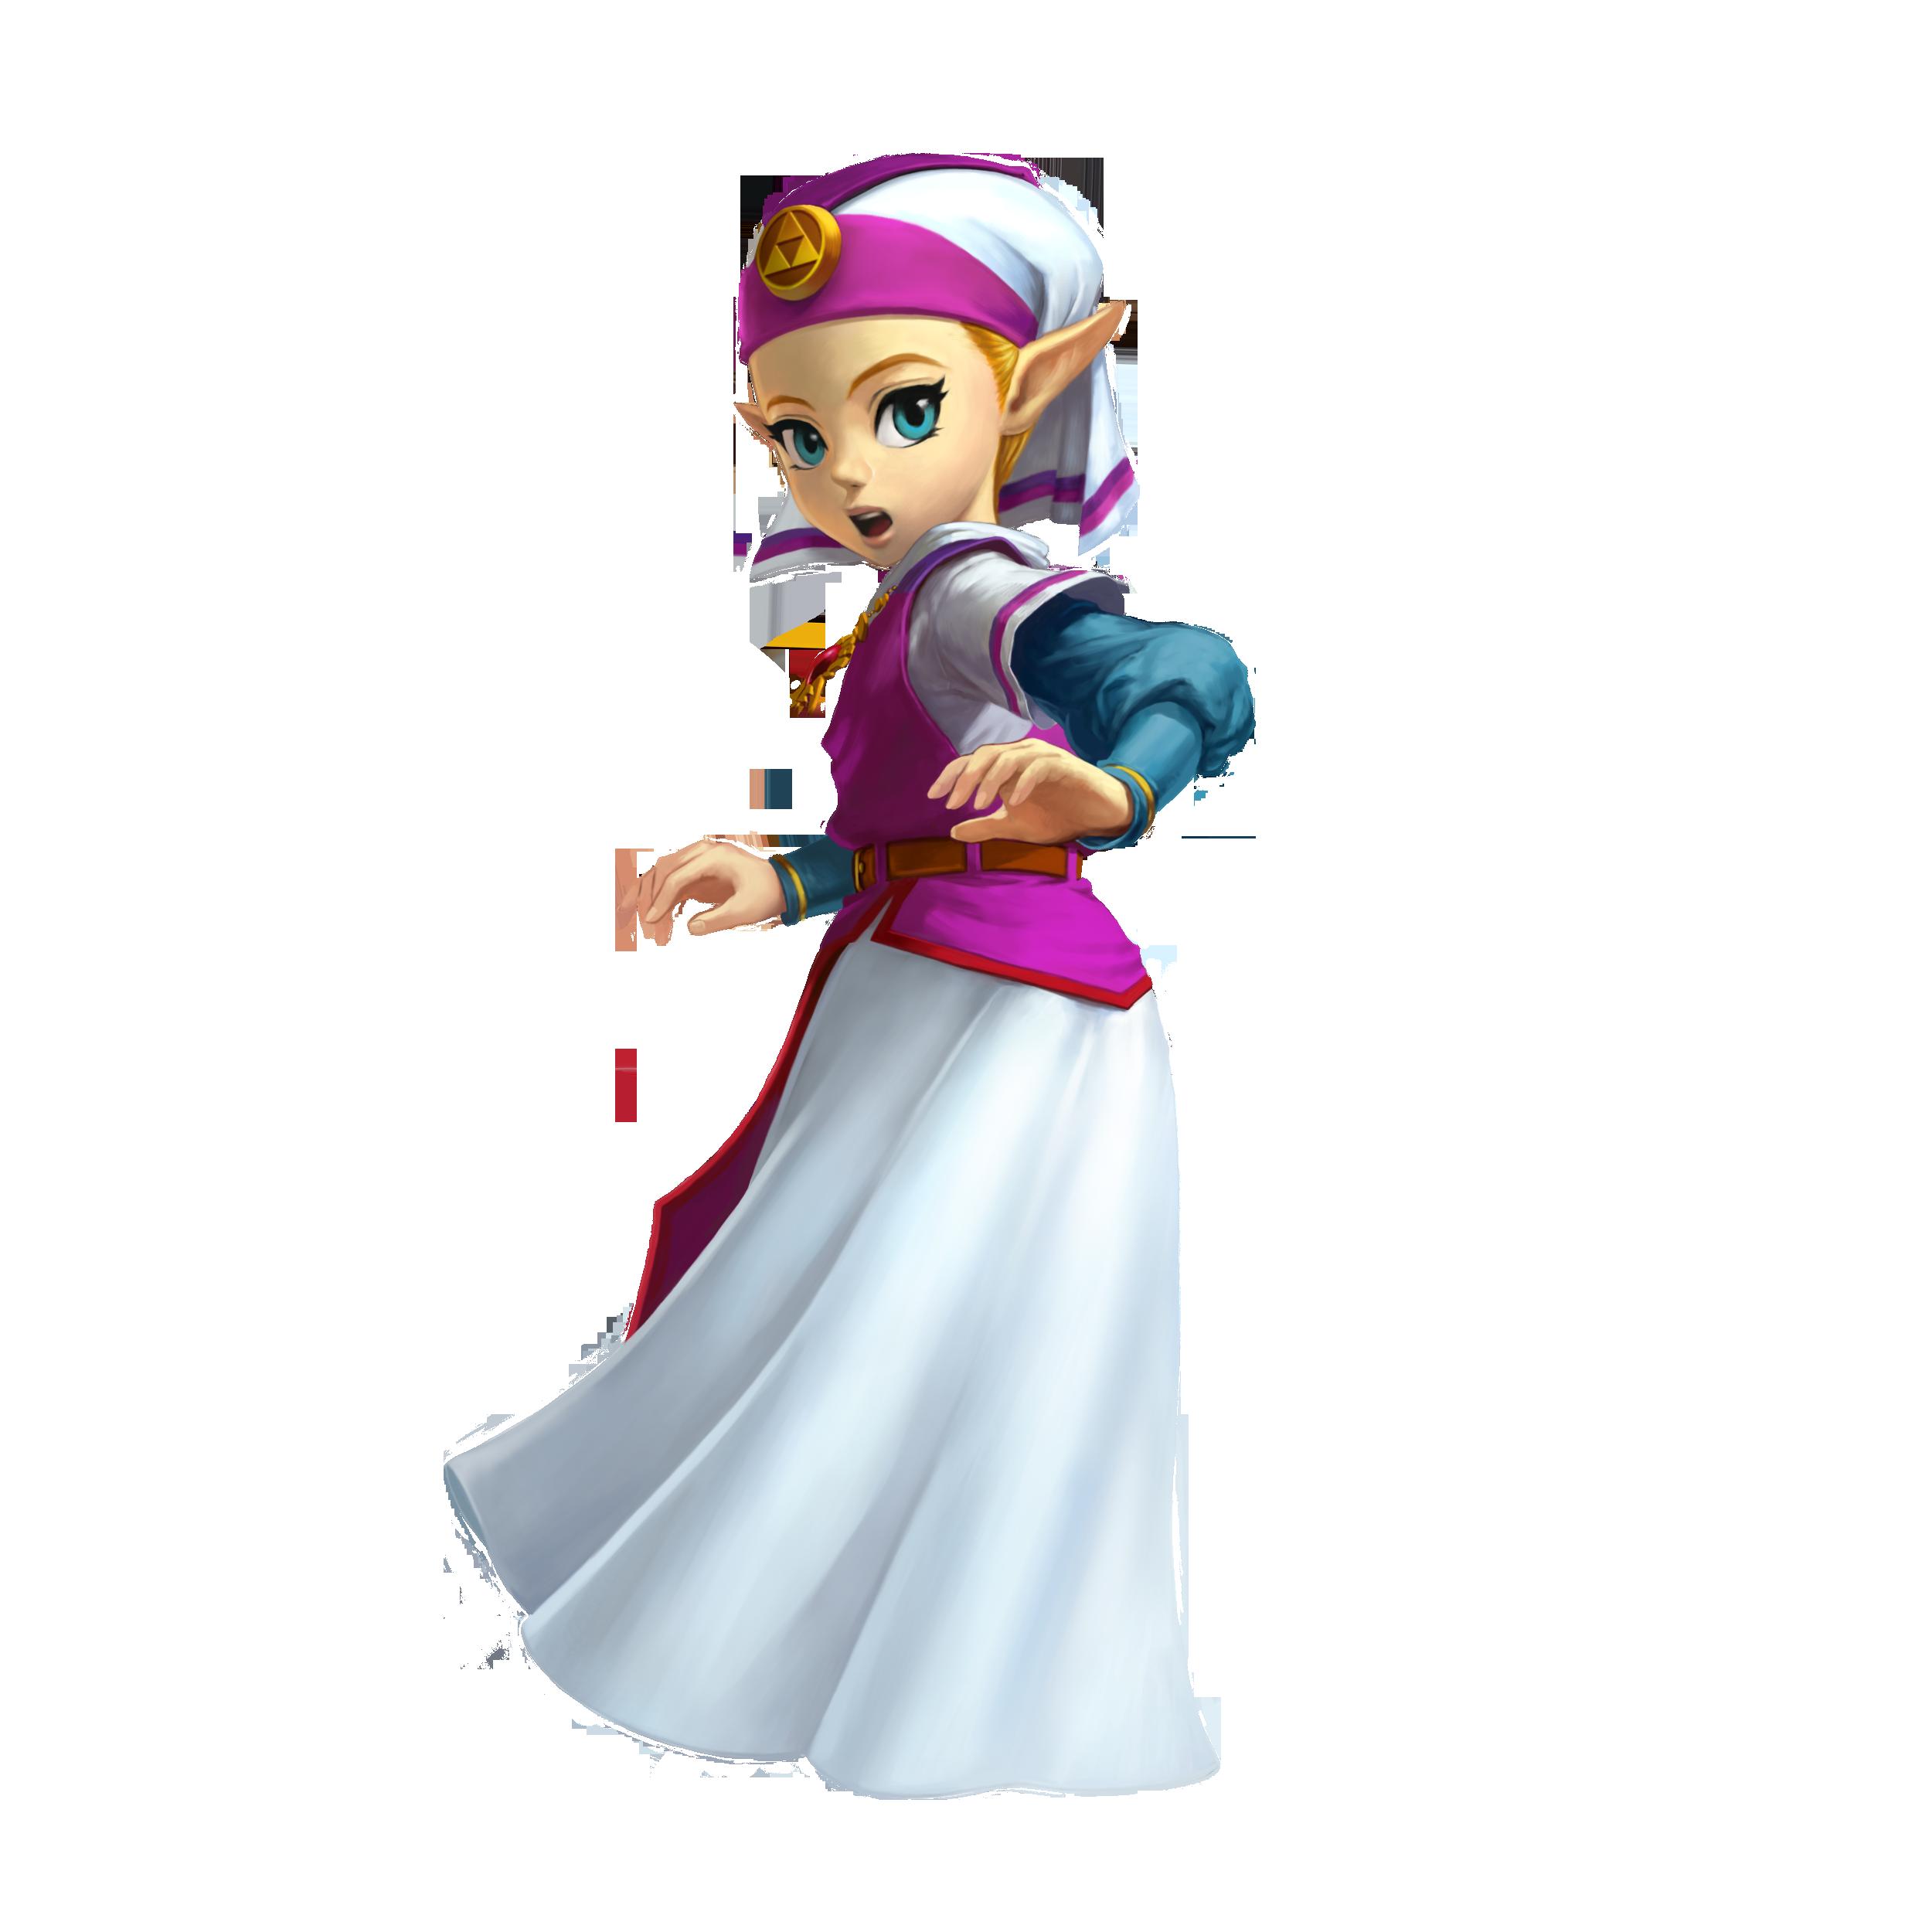 Princess Zelda And Young Zelda The Legend Of Zelda And 1